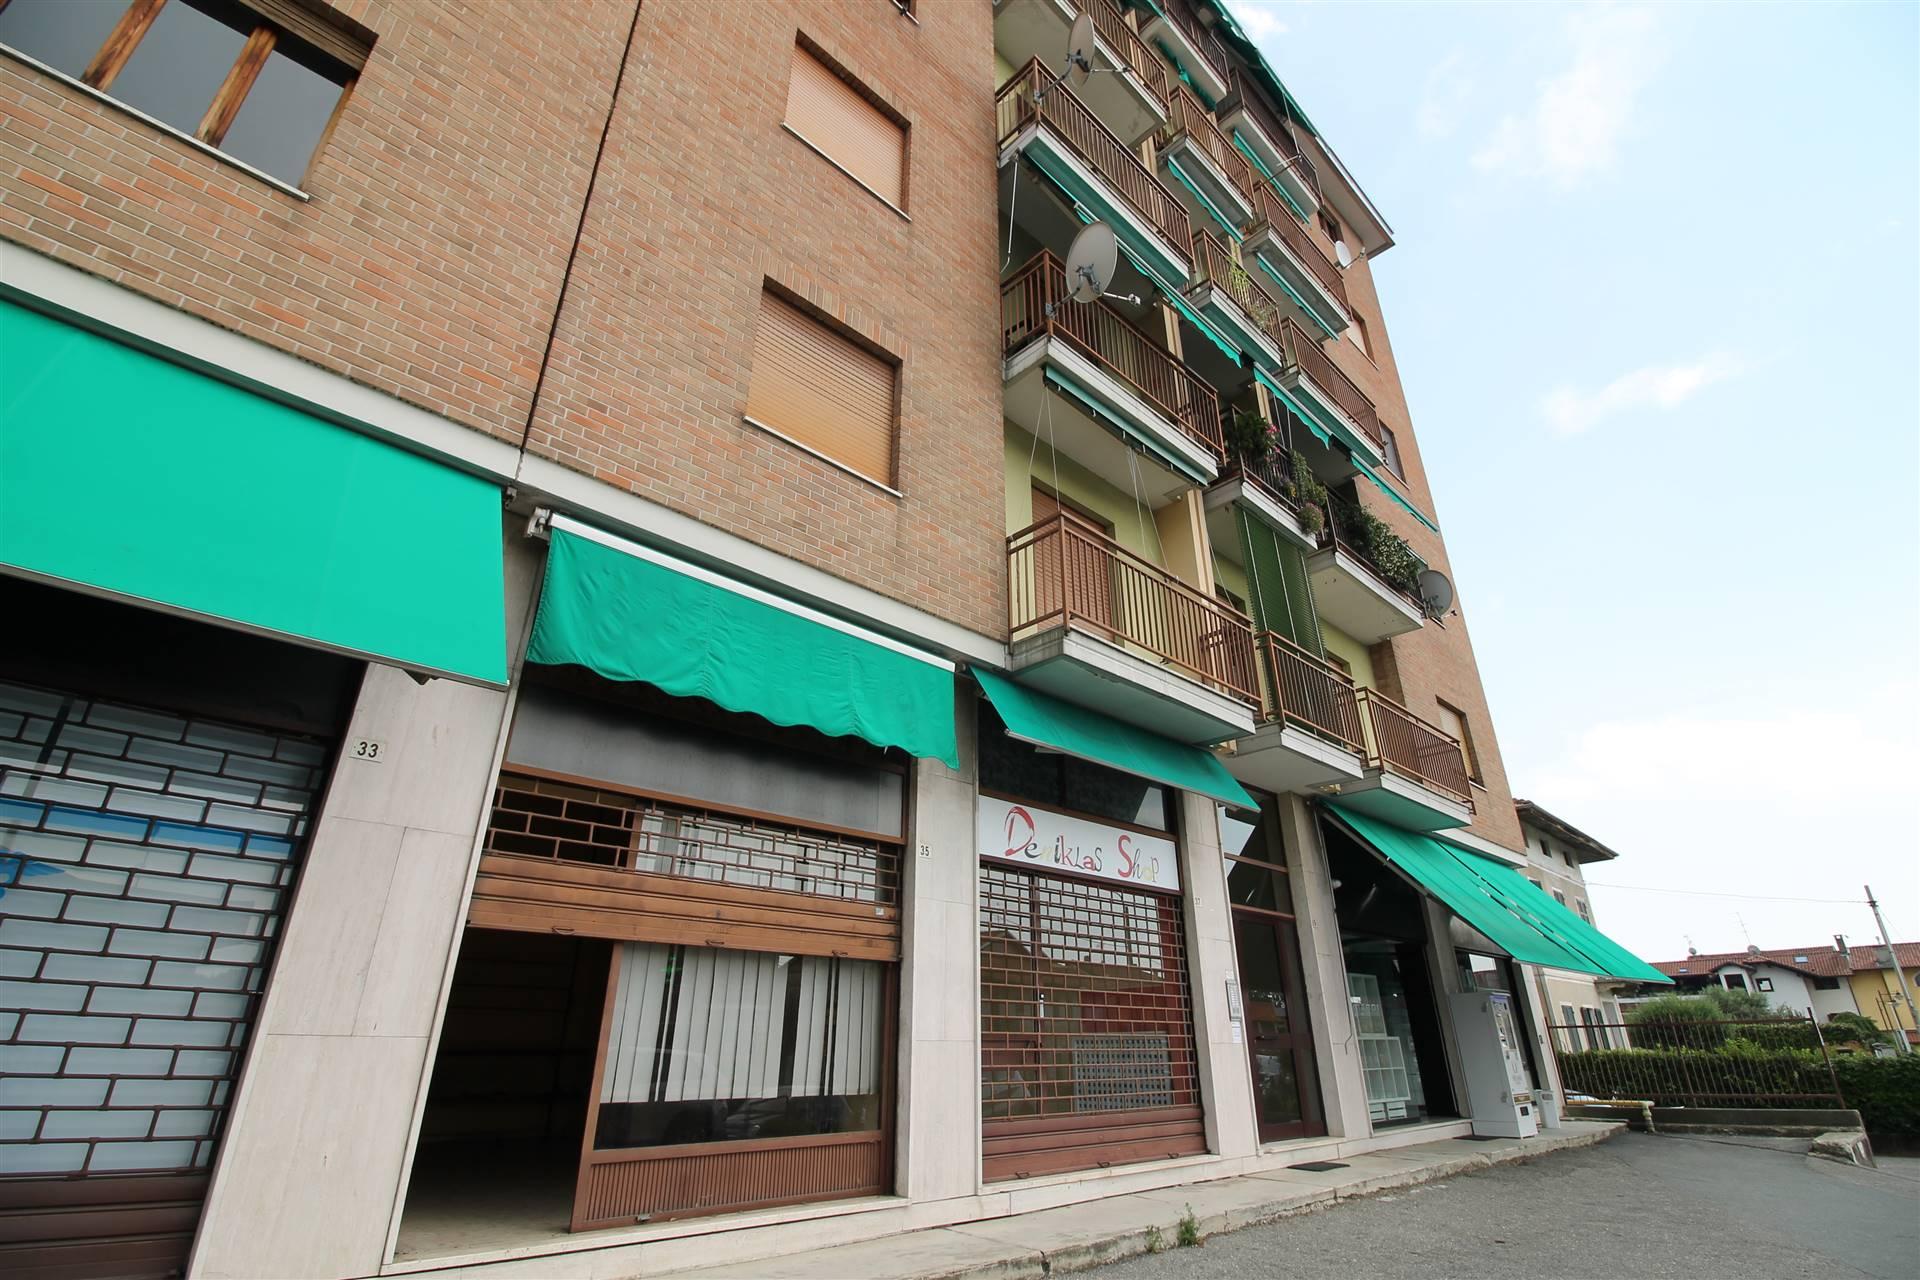 Immobile Commerciale in vendita a Sandigliano, 2 locali, prezzo € 22.000 | CambioCasa.it